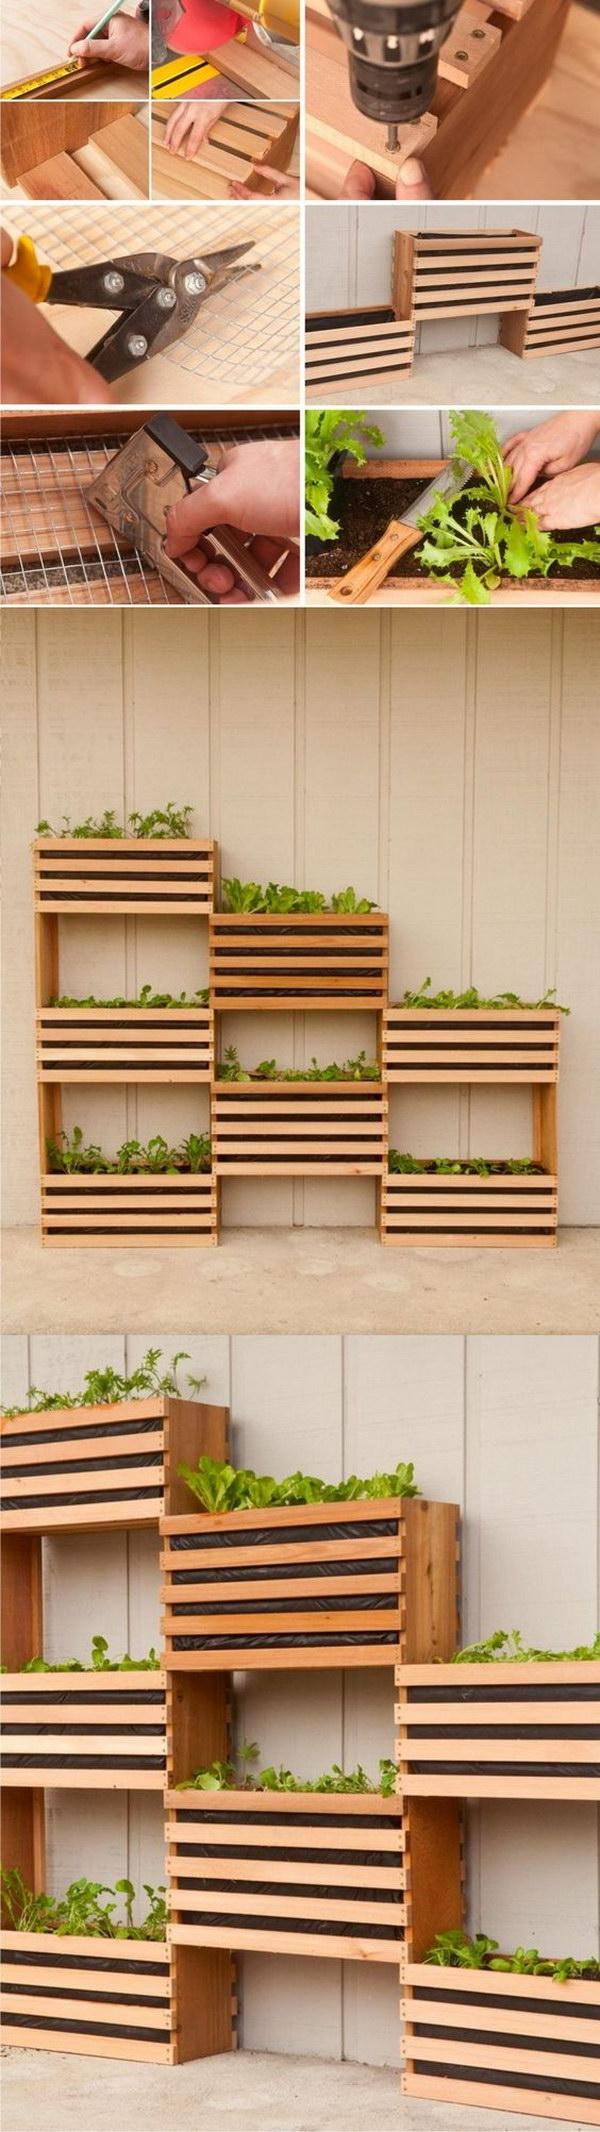 18 DIY Vertical Vegetable Garden